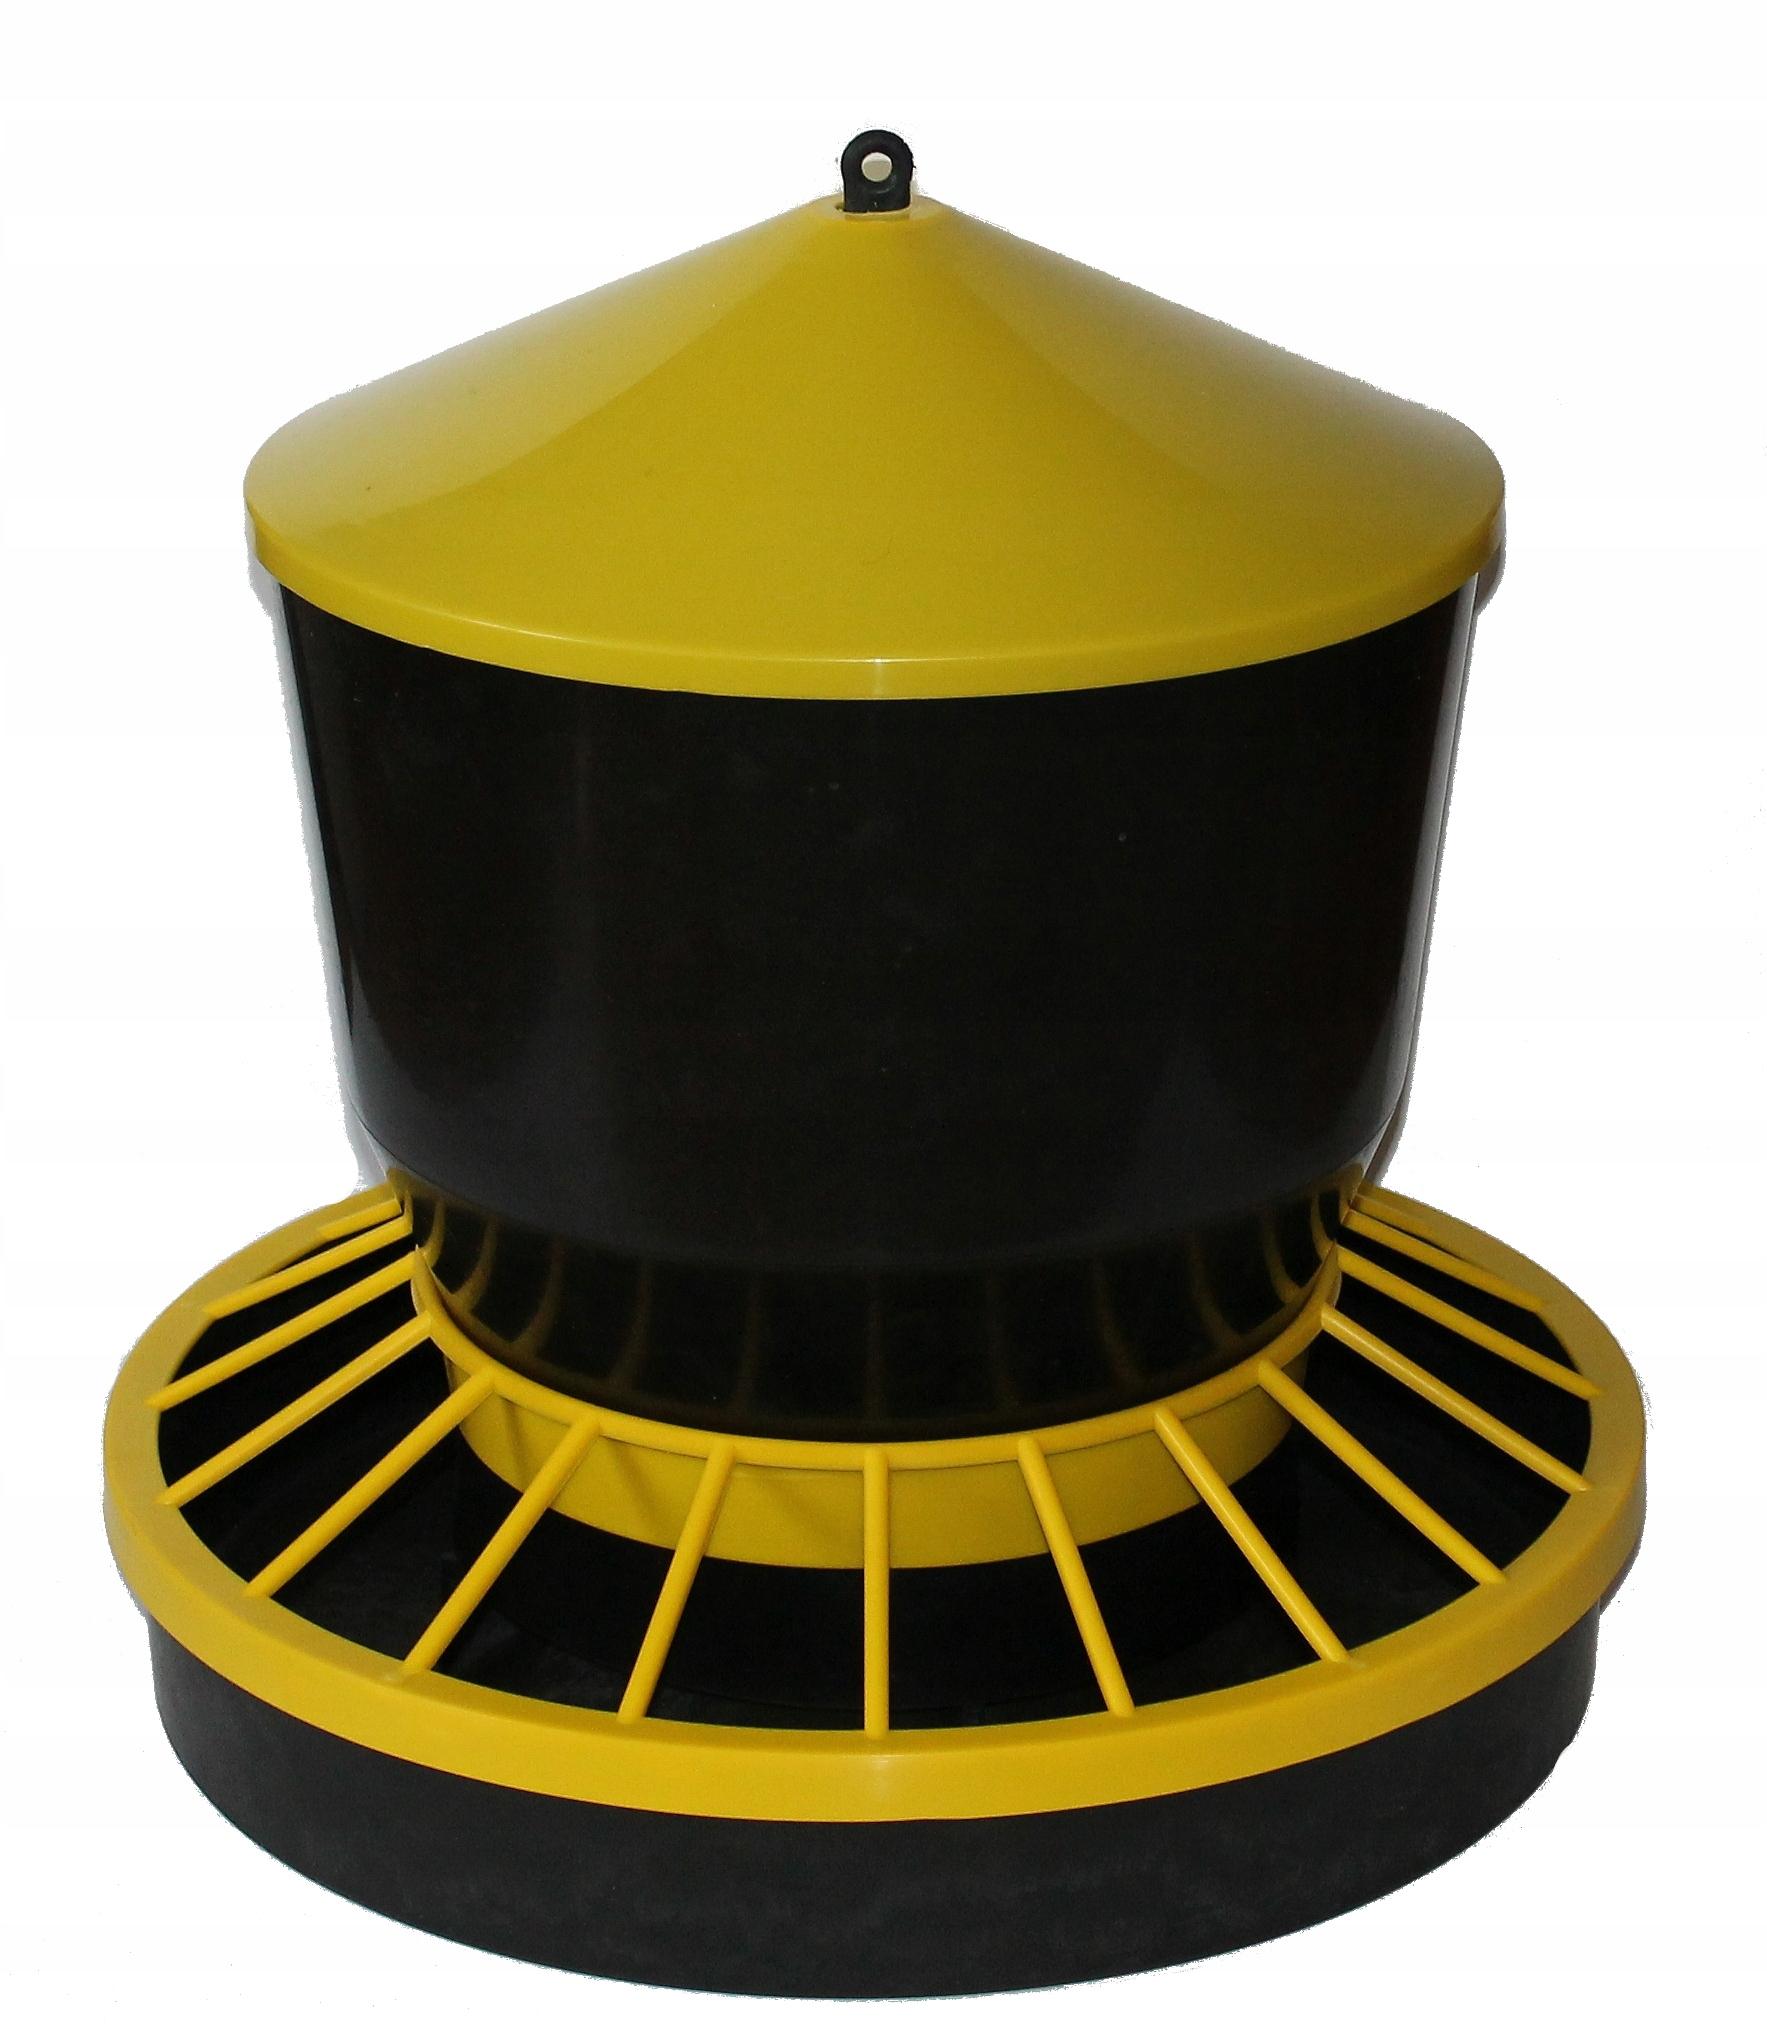 Кормушка-кормушка для птиц, голубей, кур 22 кг Производитель